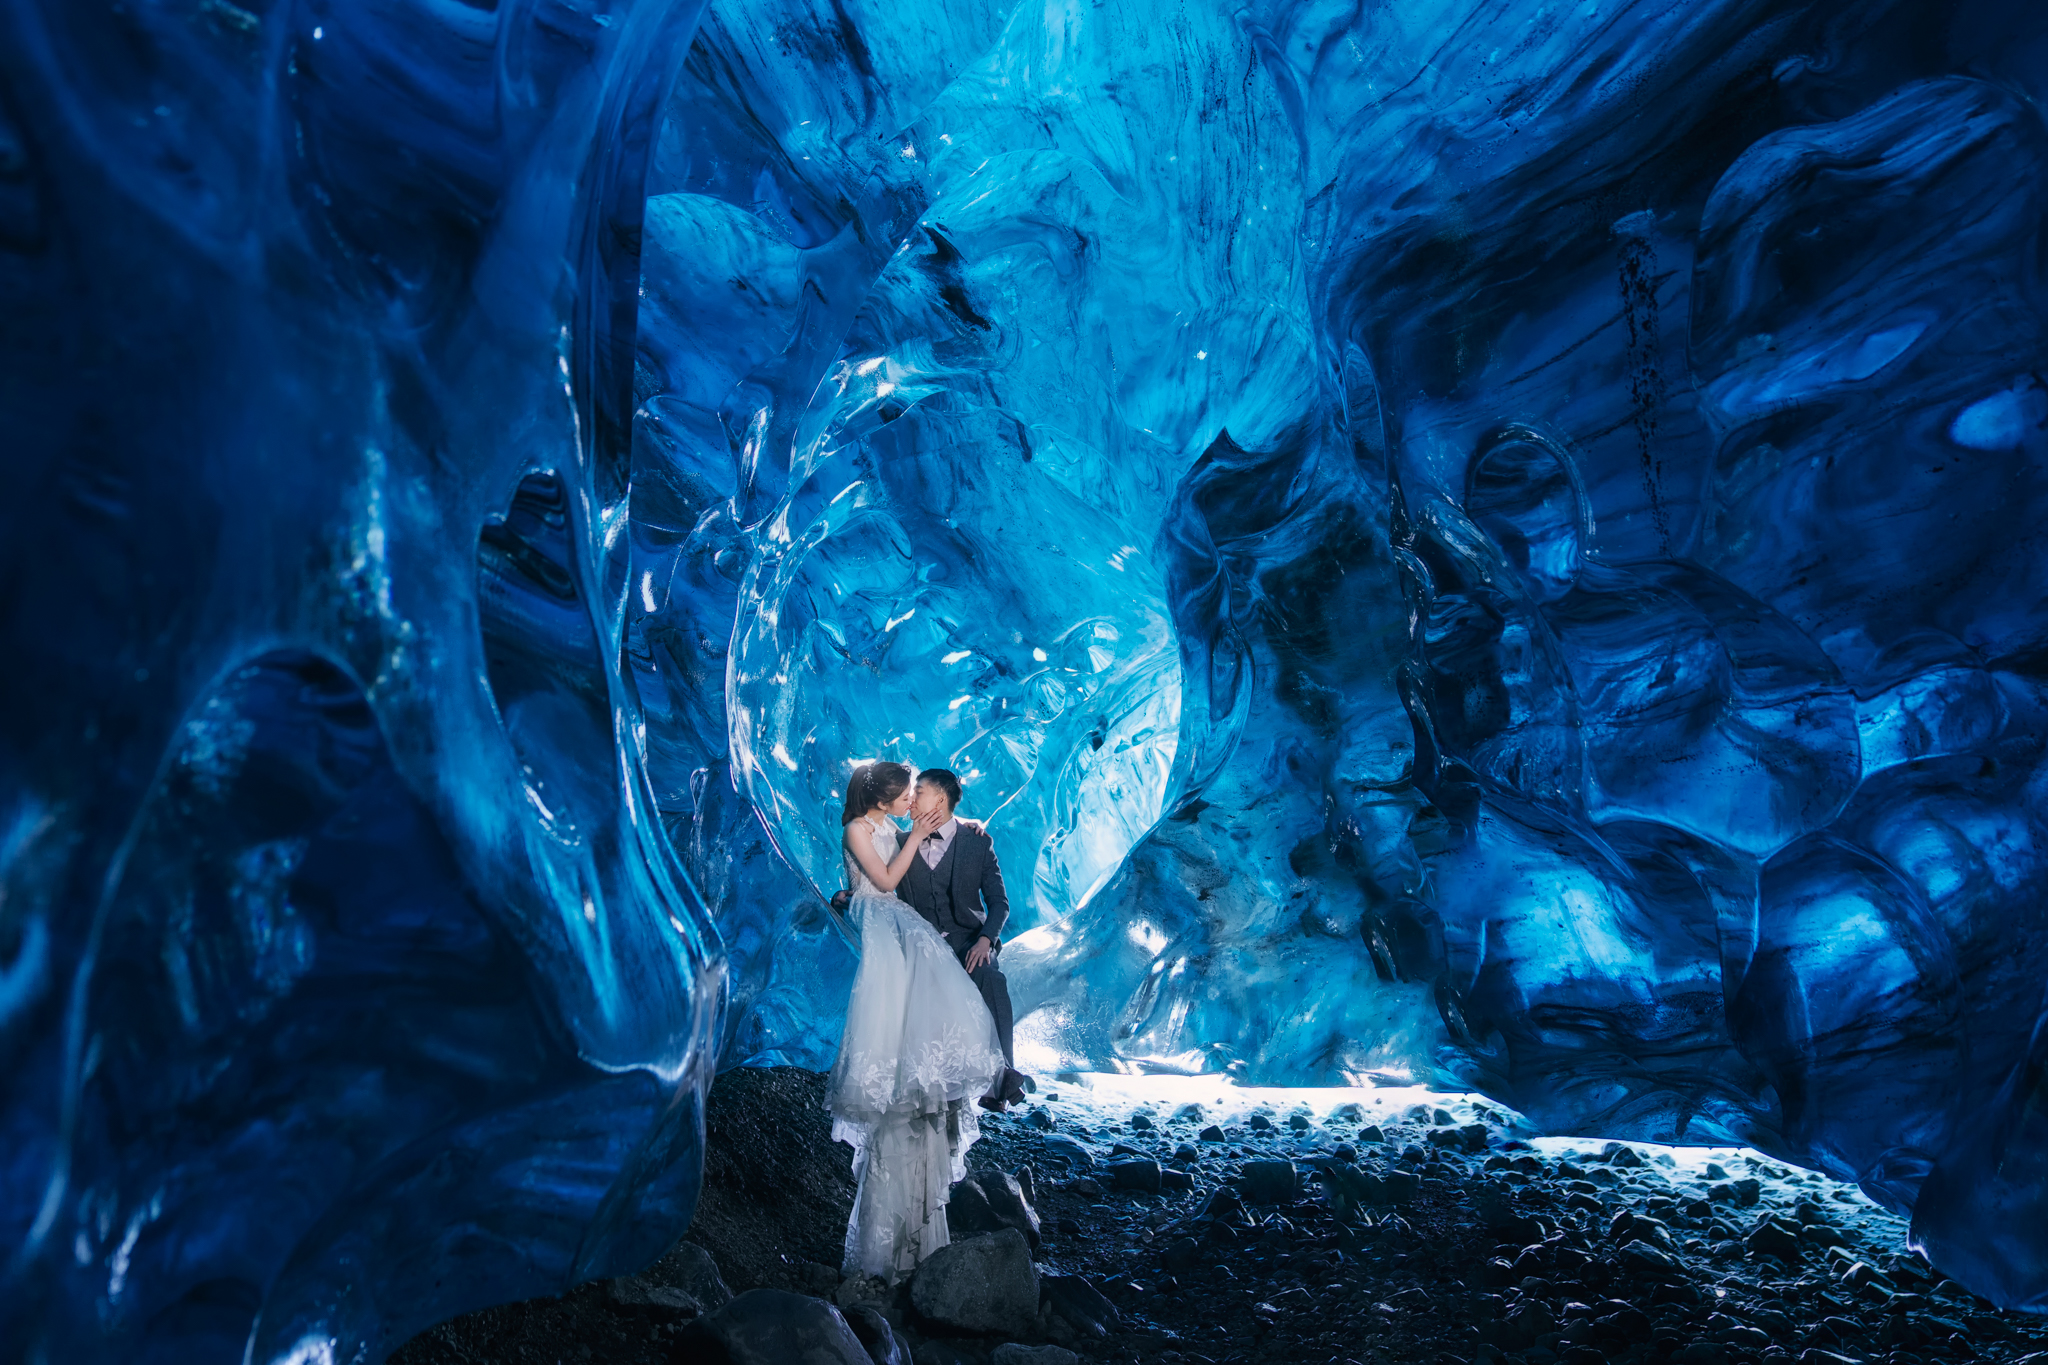 EASTERN WEDDING, 冰島婚紗, Iceland, Donfer.